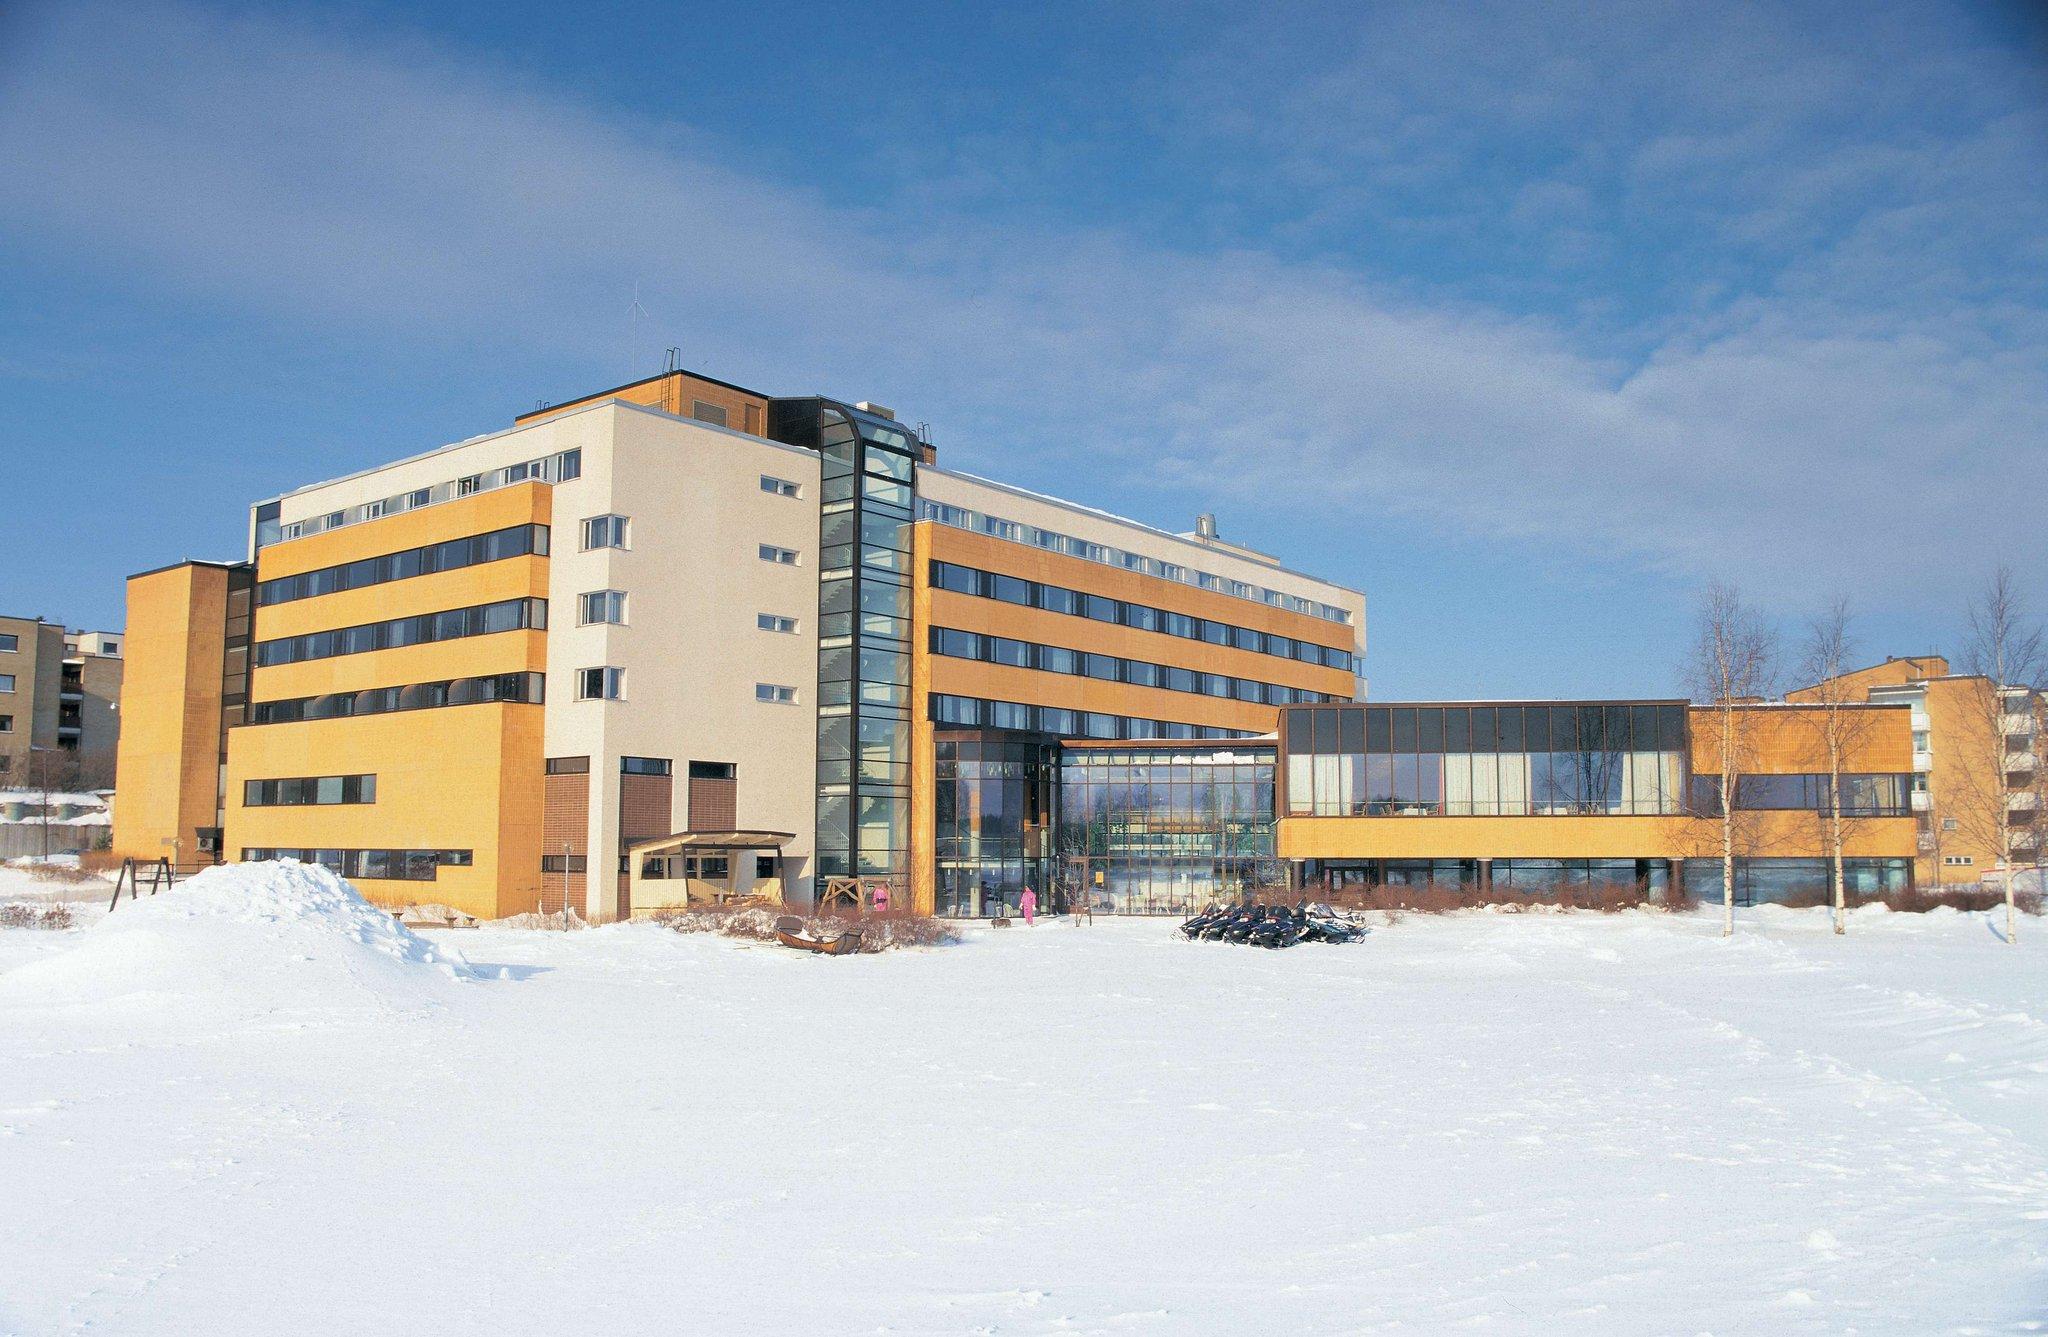 Scandic Hotel Kuopio